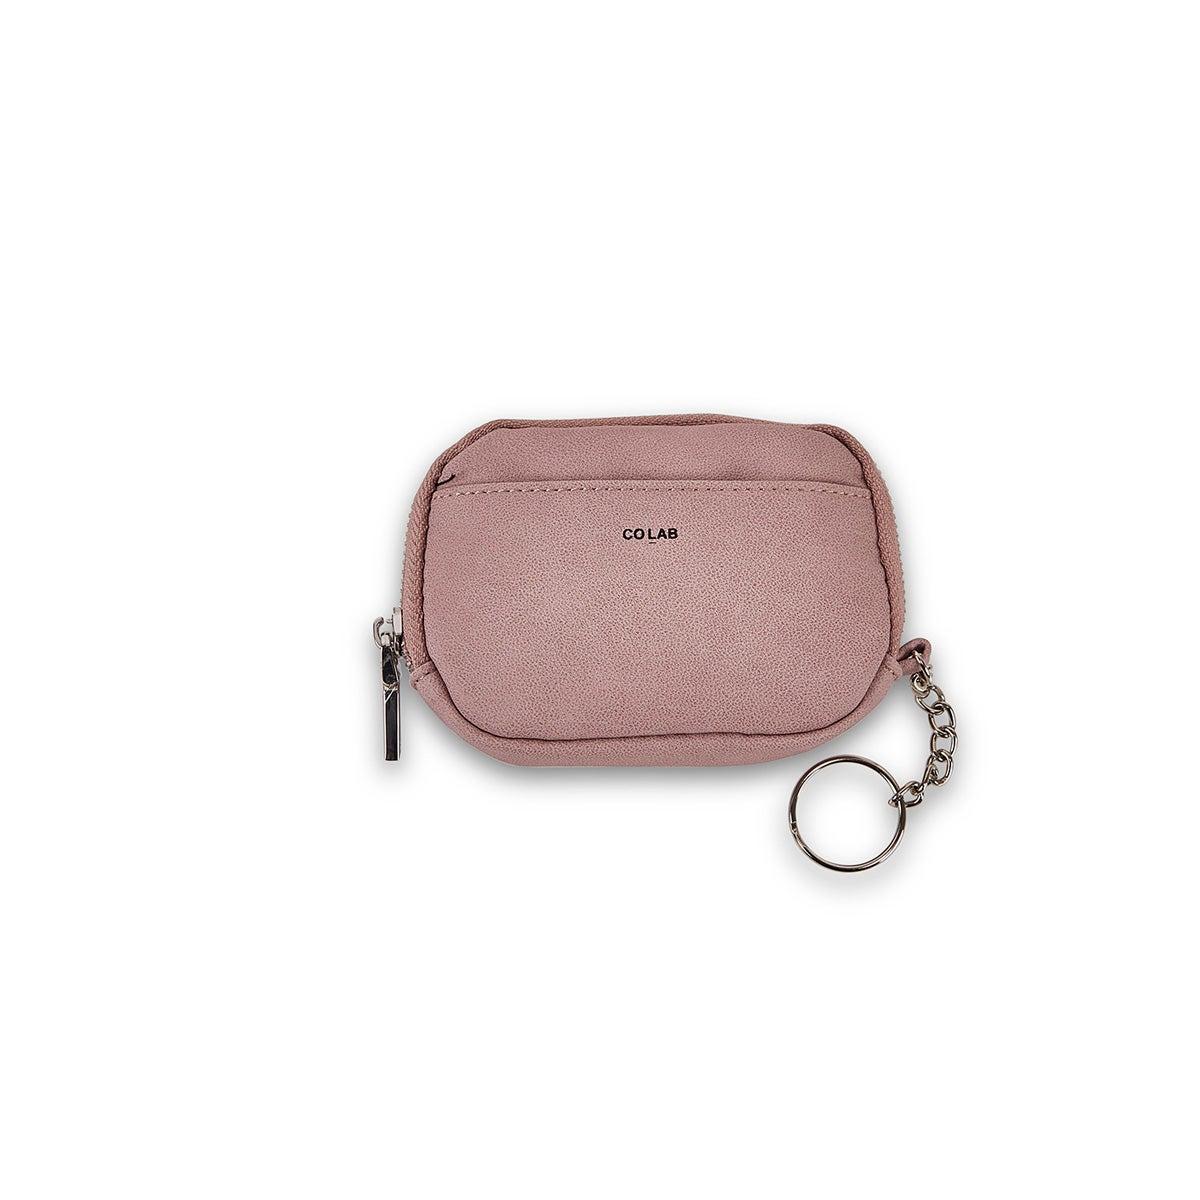 Porte-cartes/portefeuille/clés 6427 pétale, femmes